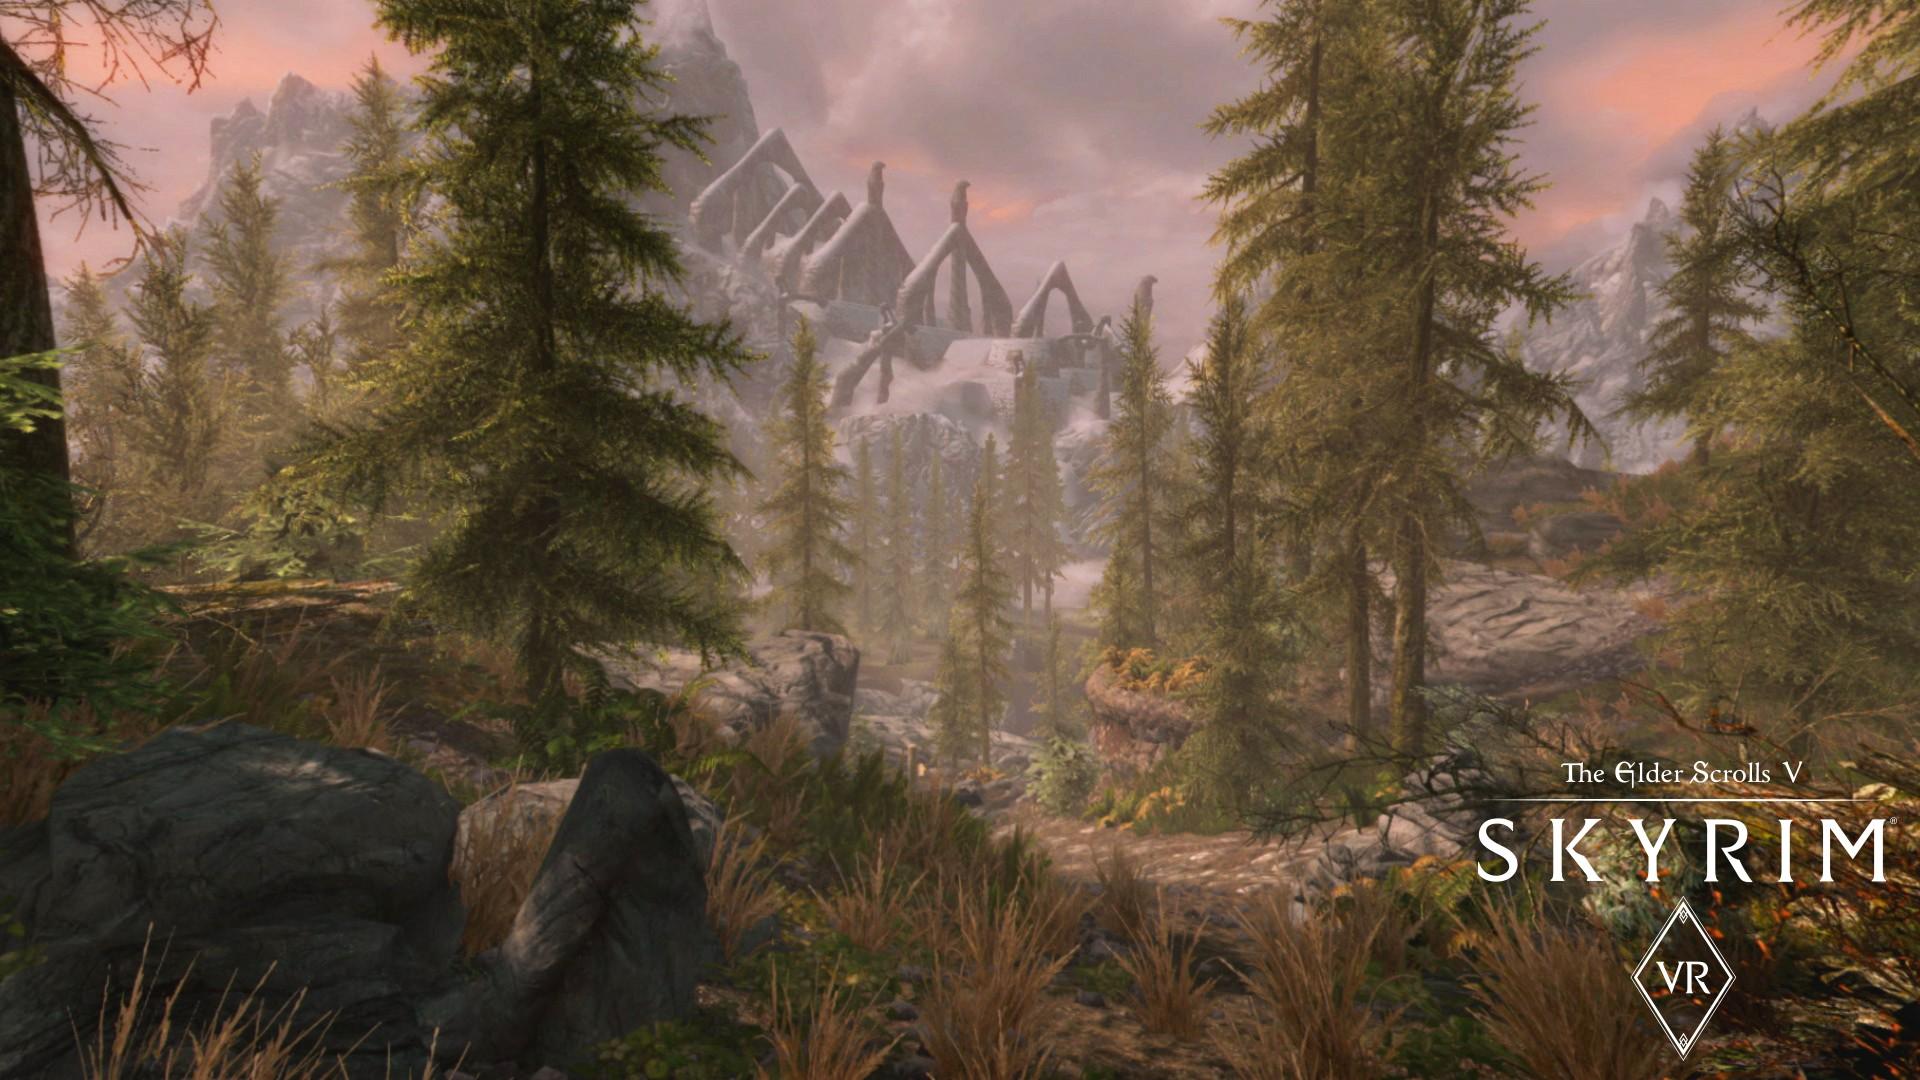 The Elder Scrolls V: Skyrim VR_body_3